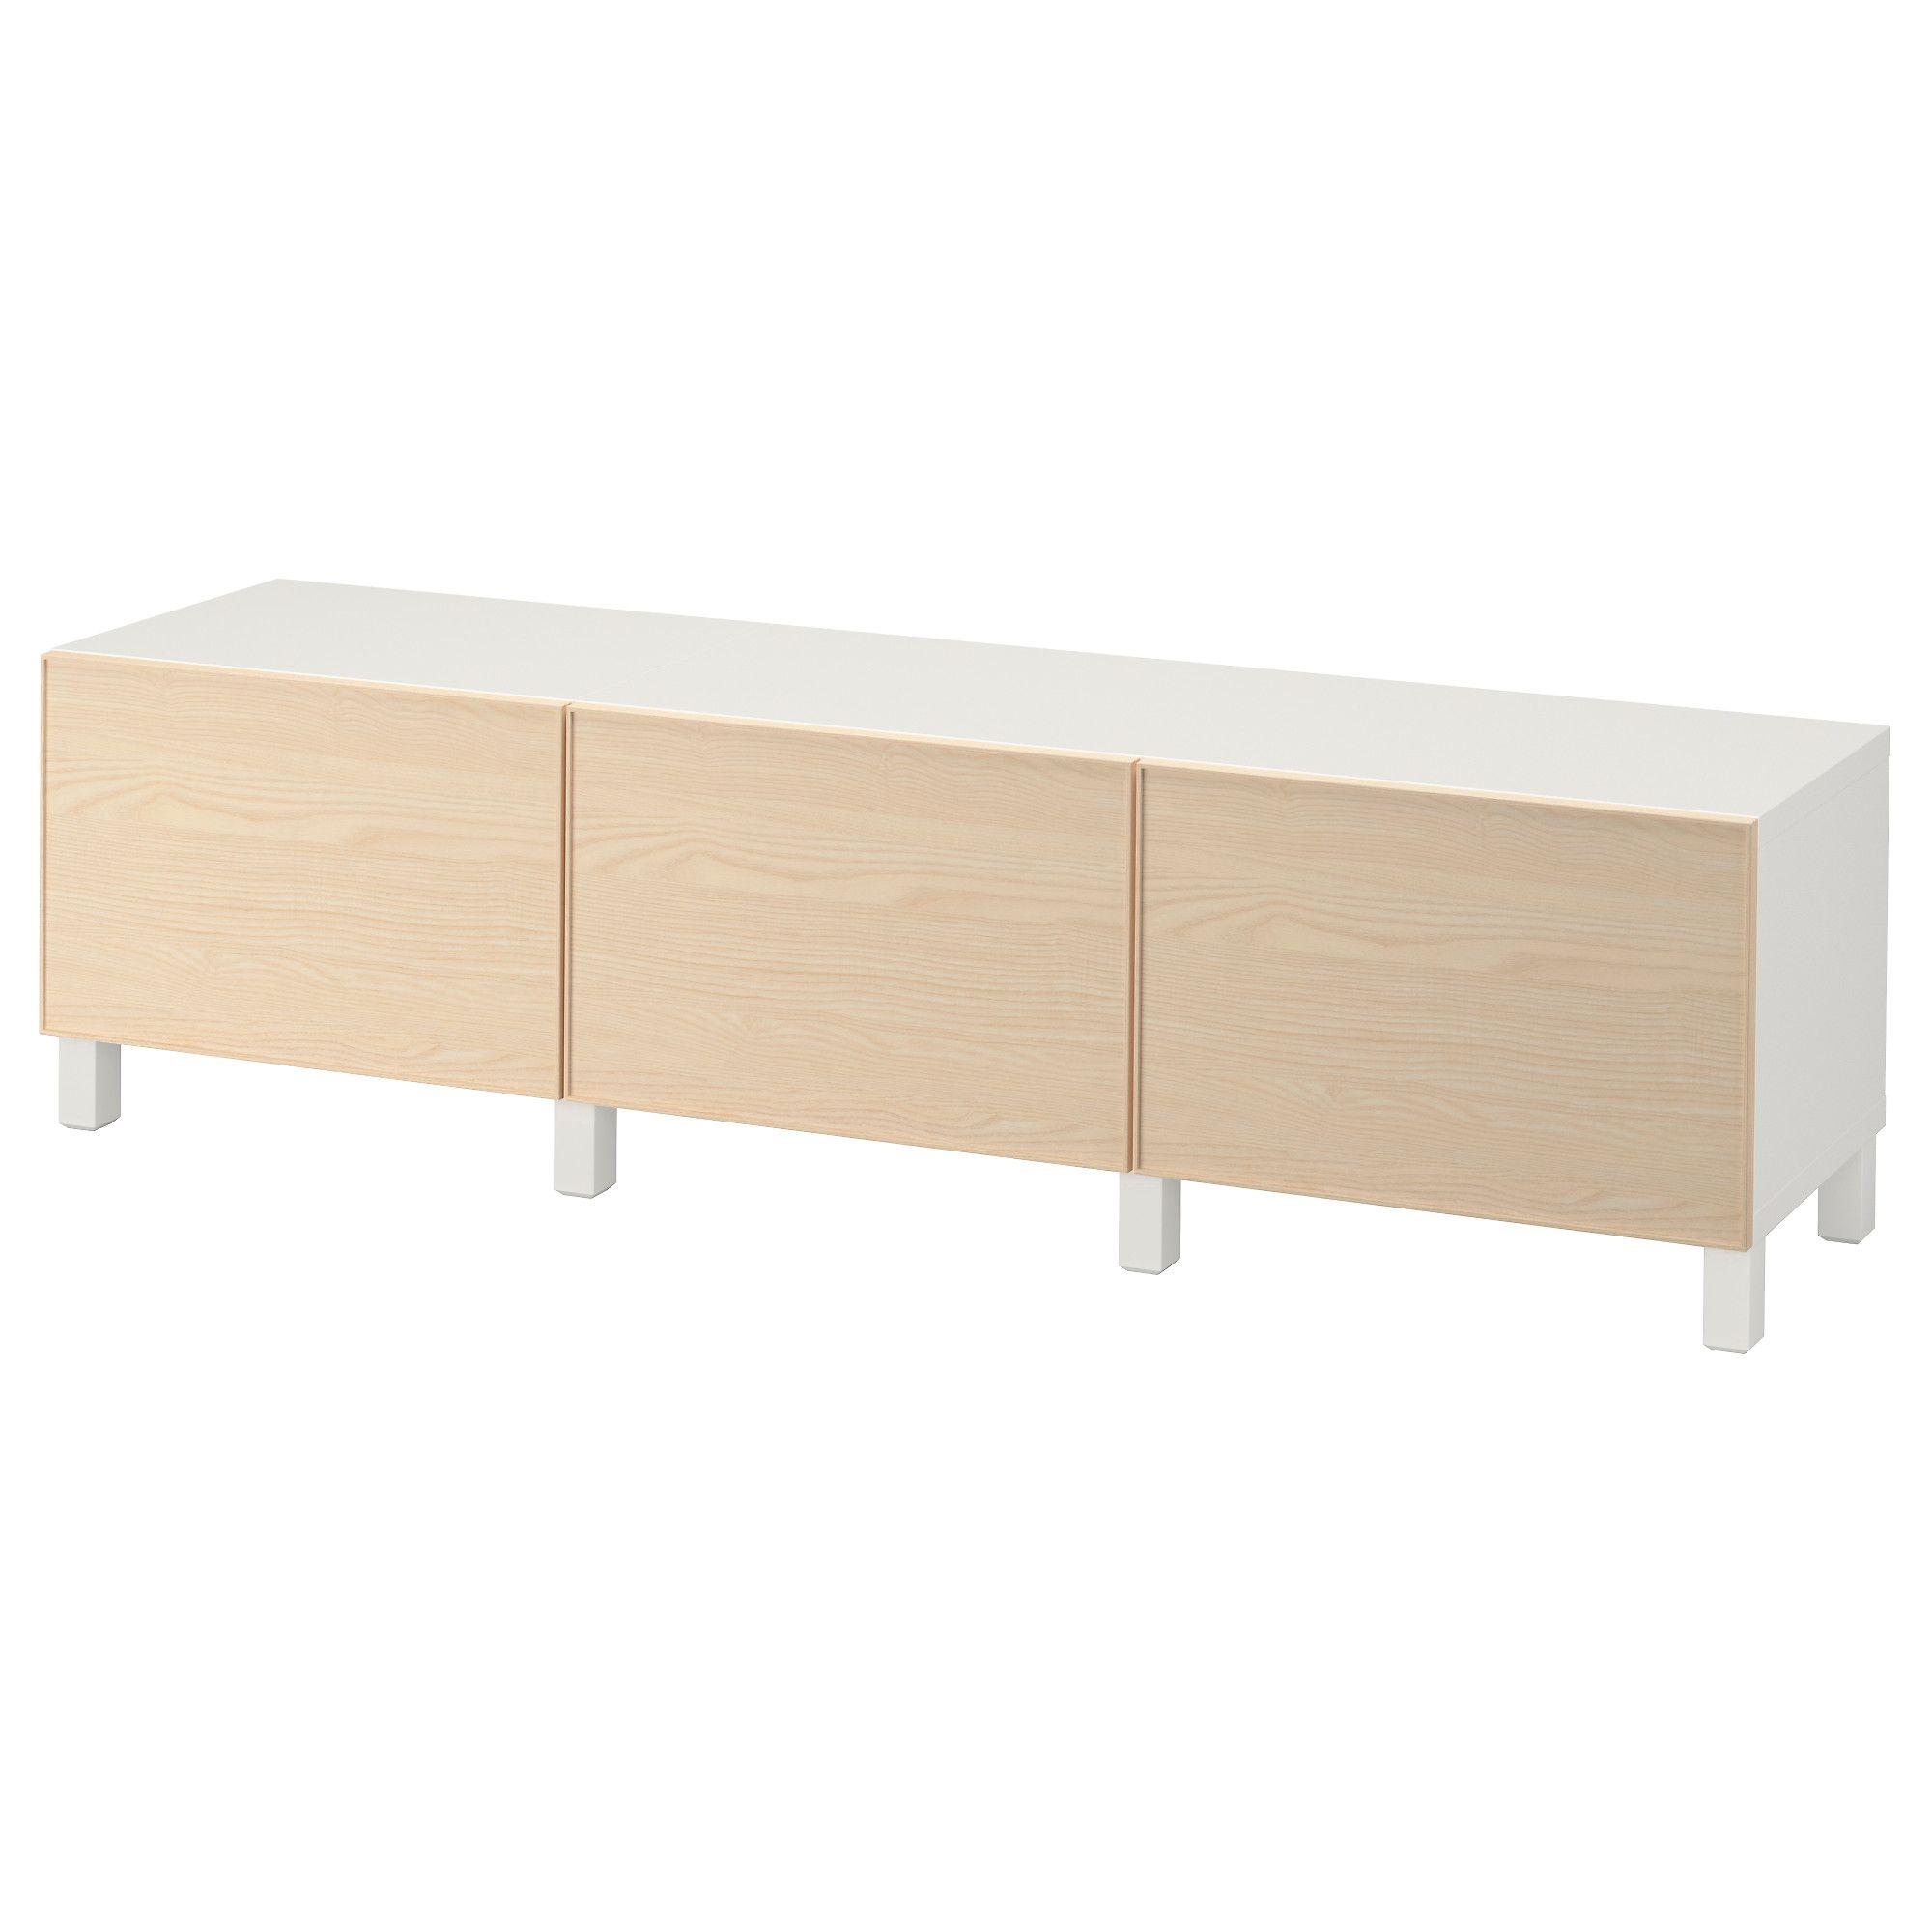 Designer Tisch Couchtisch Frs Wohnzimmer Holz Glas Metall